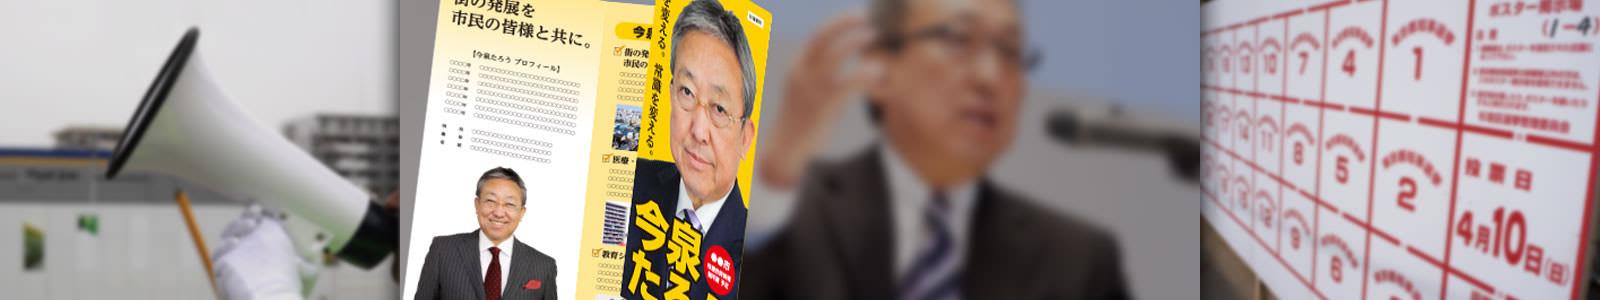 選挙リーフレット印刷について